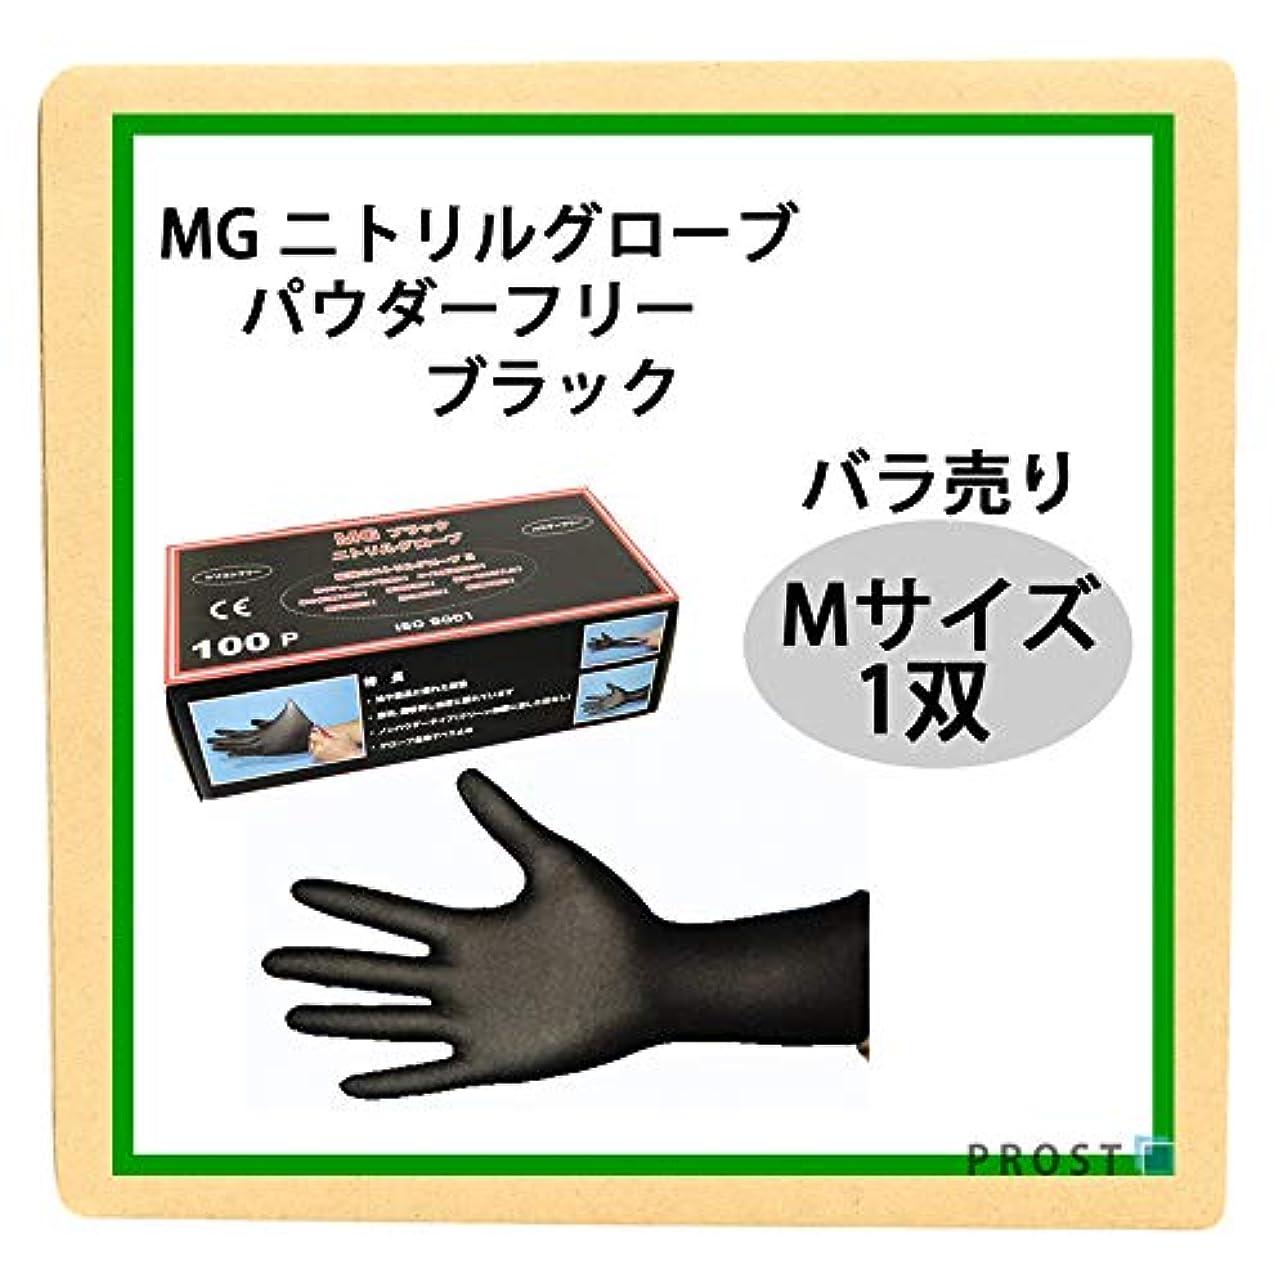 哺乳類大邸宅レイアウトMG ニトリルグローブ ブラック パウダー フリー Mサイズ 1双/ニトリル手袋 ゴム手袋 塗装 オイル ニトリルゴム